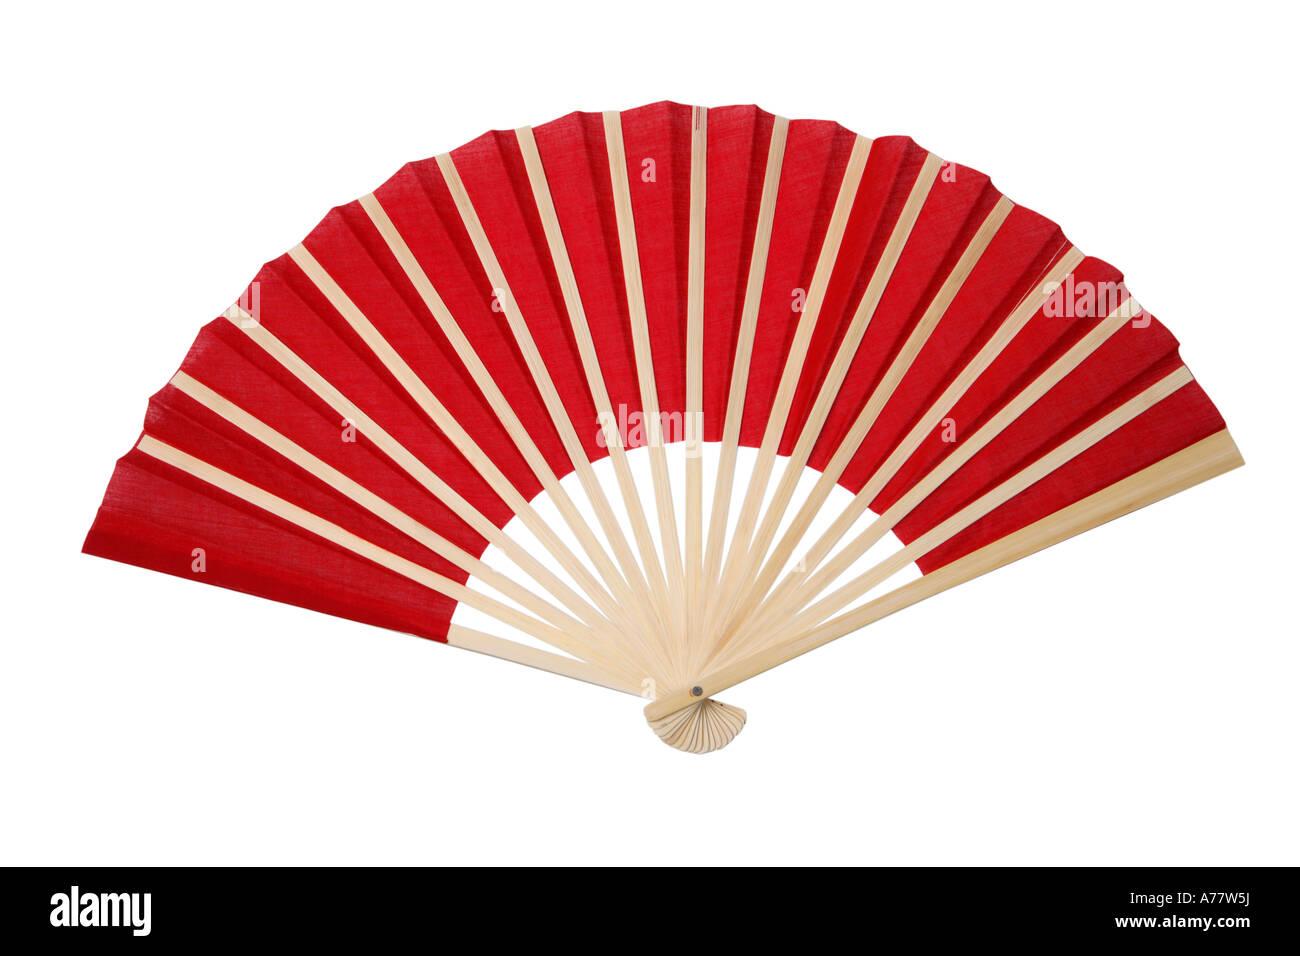 Rosso fan asiatici ritagliata su sfondo bianco Immagini Stock